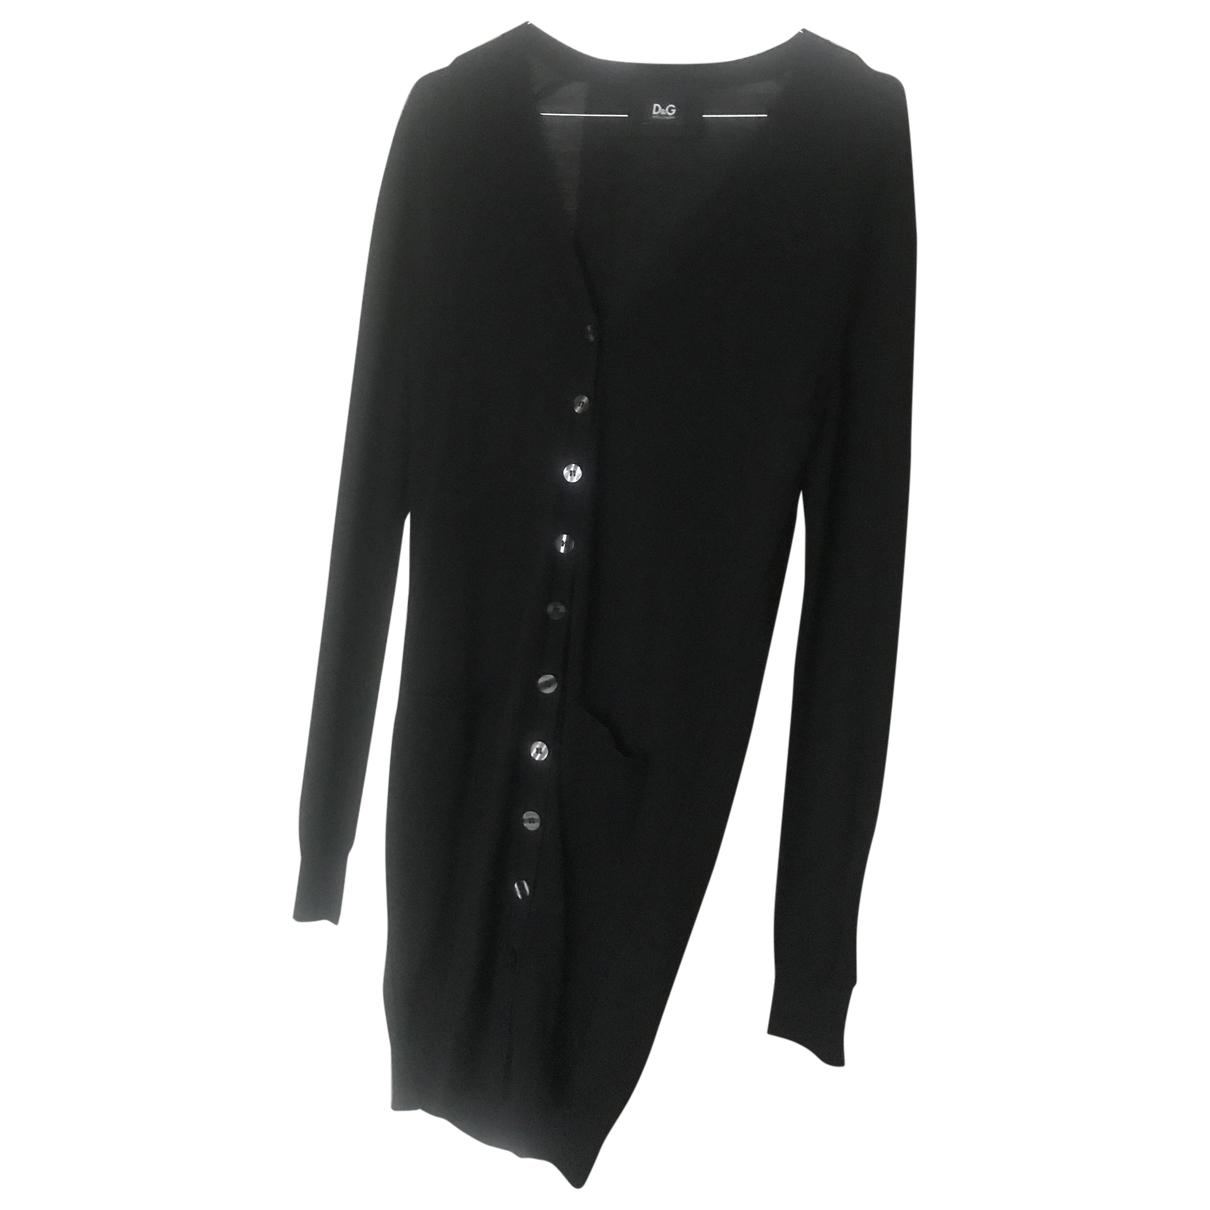 D&g \N Pullover in  Schwarz Wolle